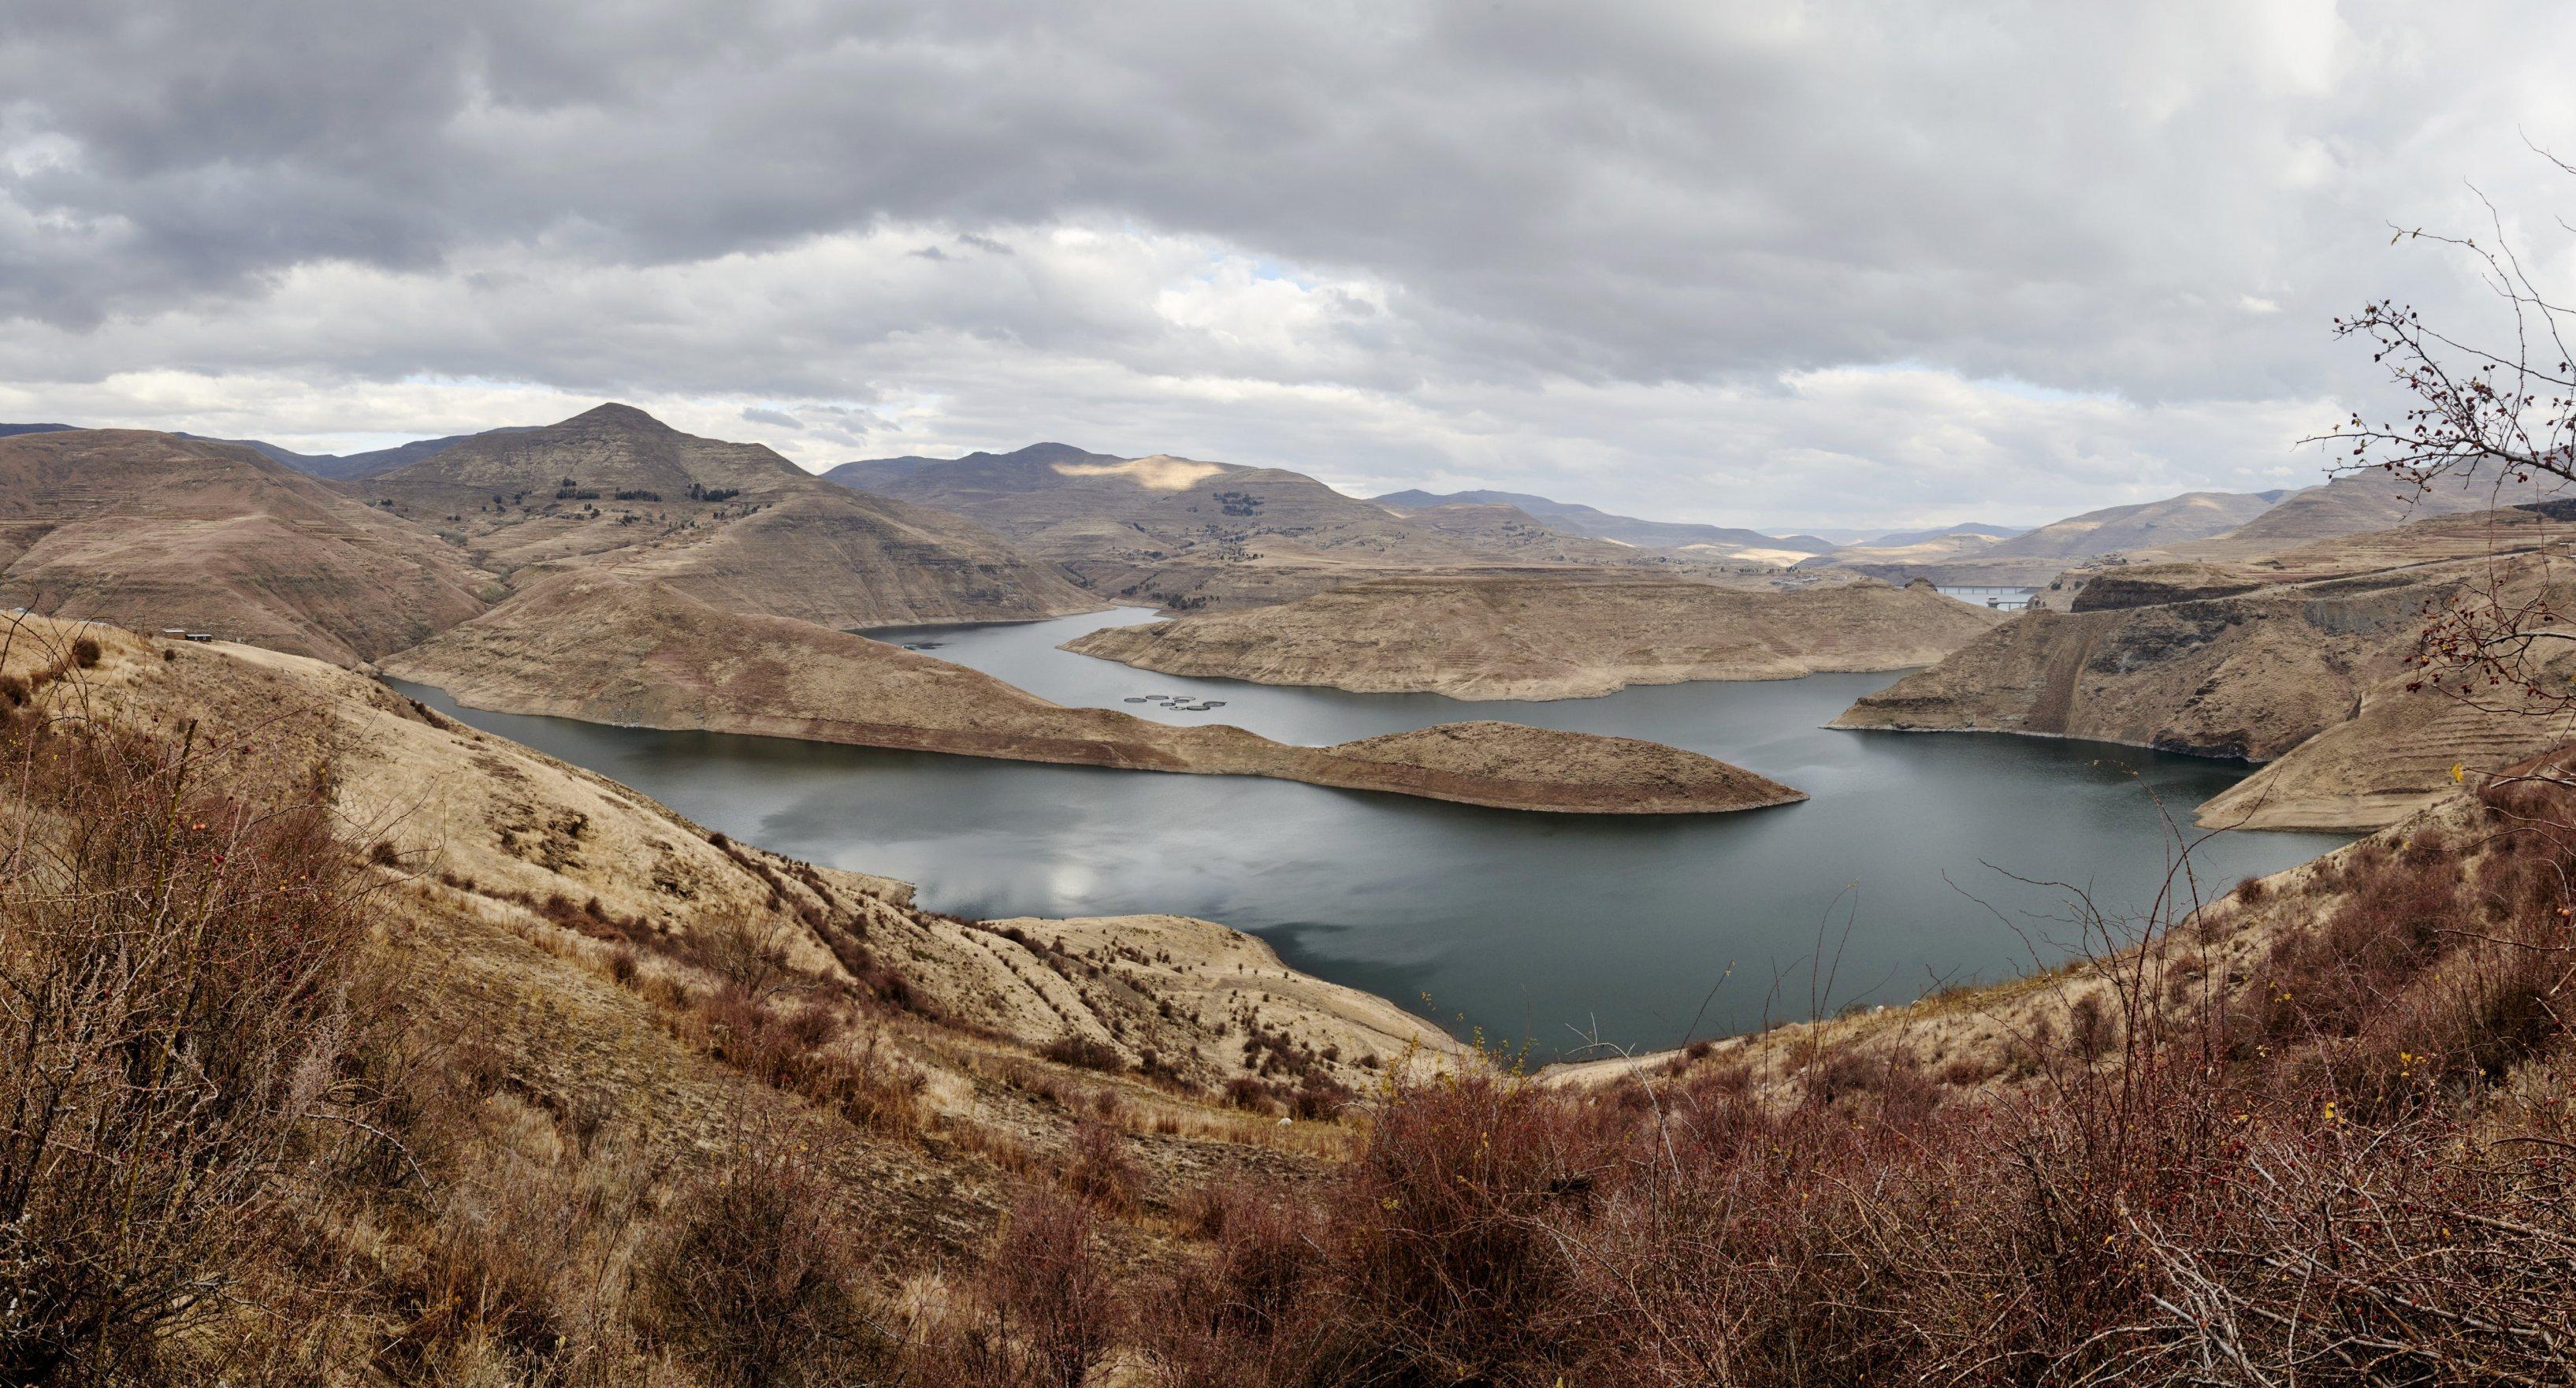 Im Tal zwischen den Bergen glitzert die Wasseroberfläche des Katse-Stausees